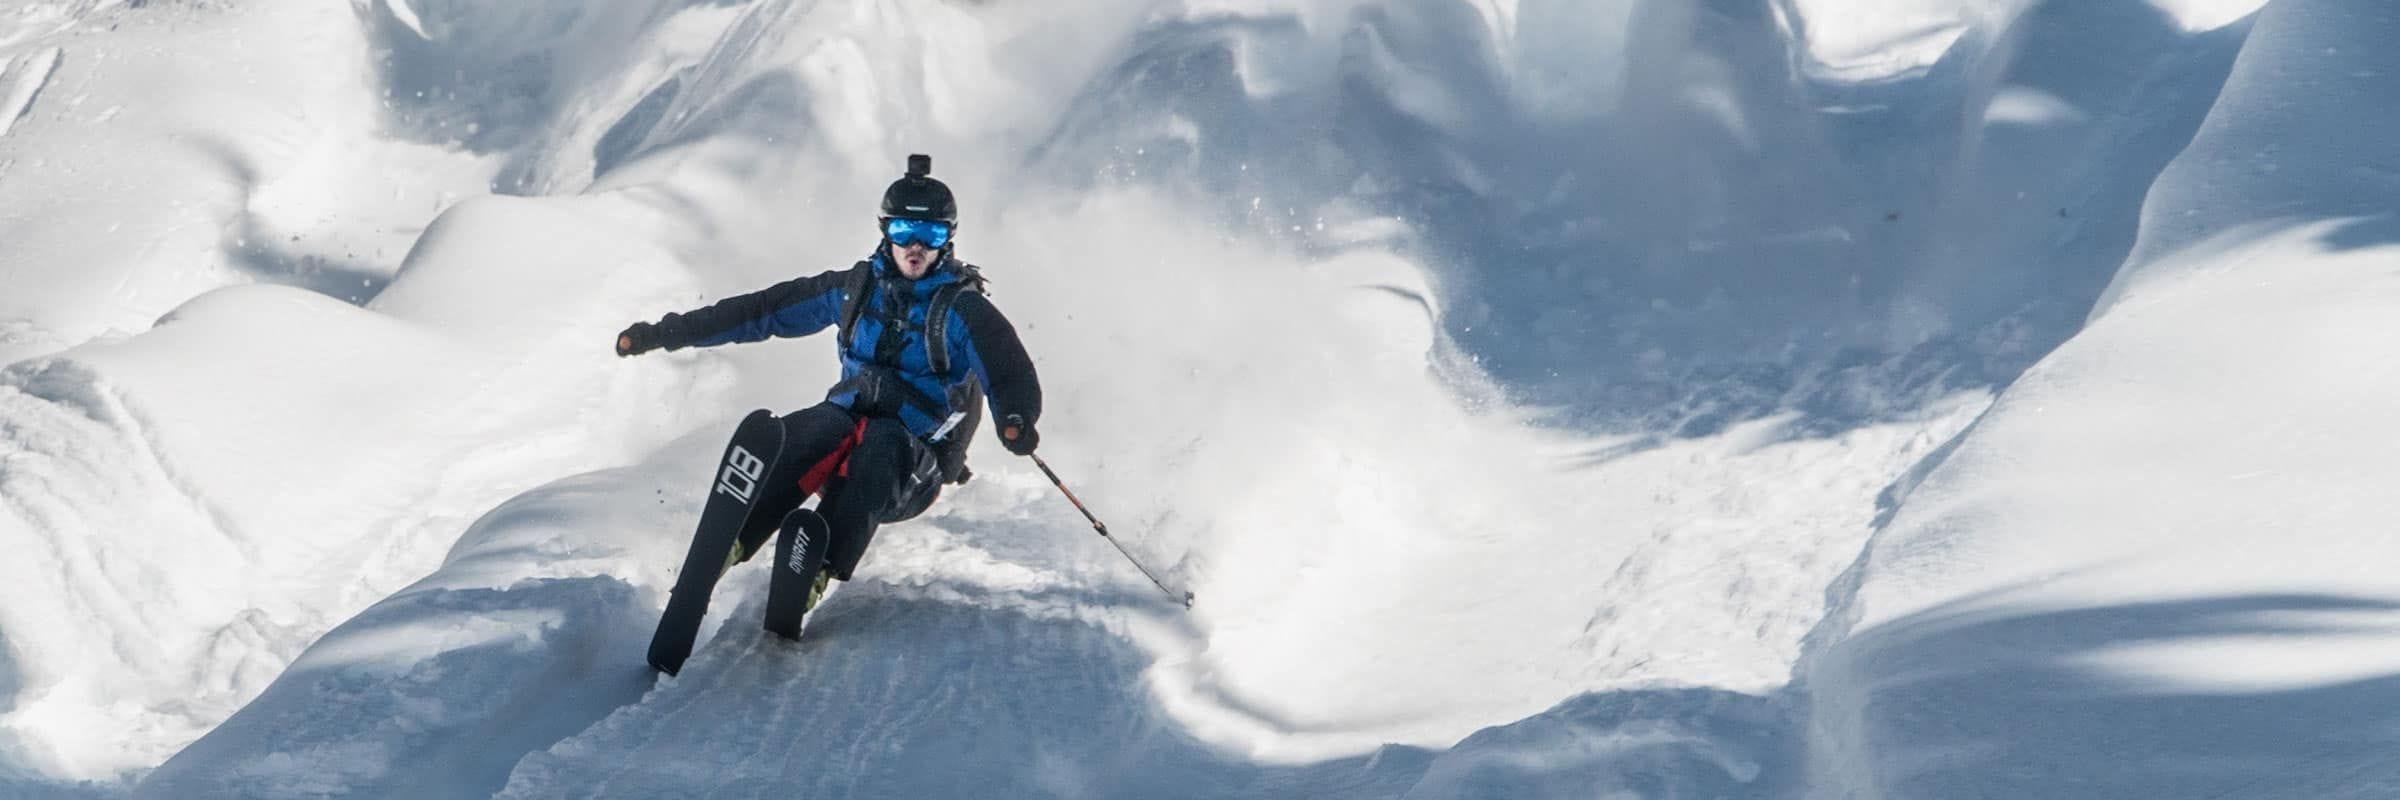 Revue du blouson de ski Teton de Peak Performance